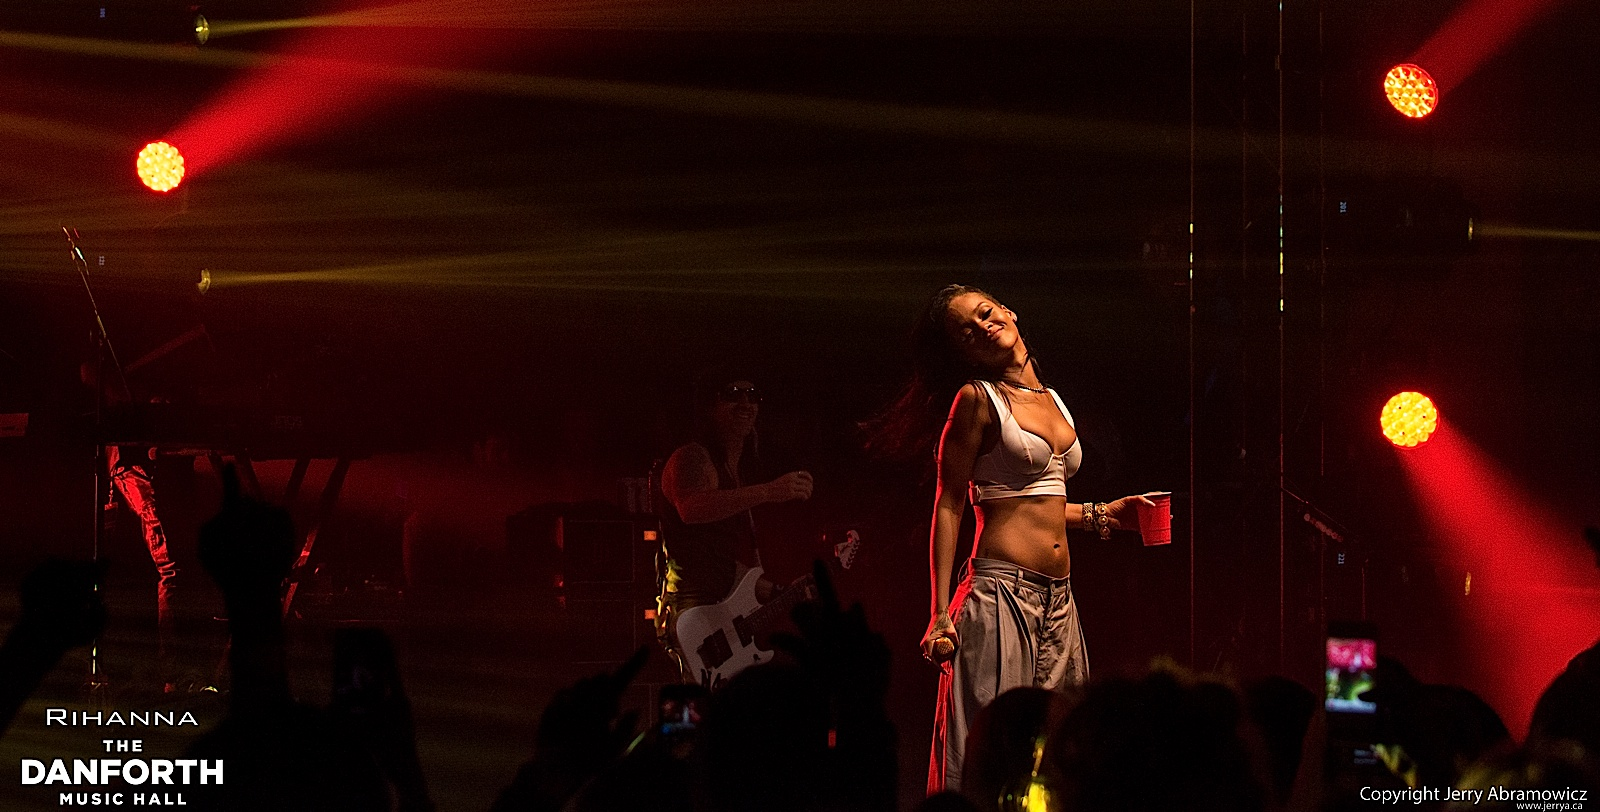 20121115 DMH Rihanna 01506